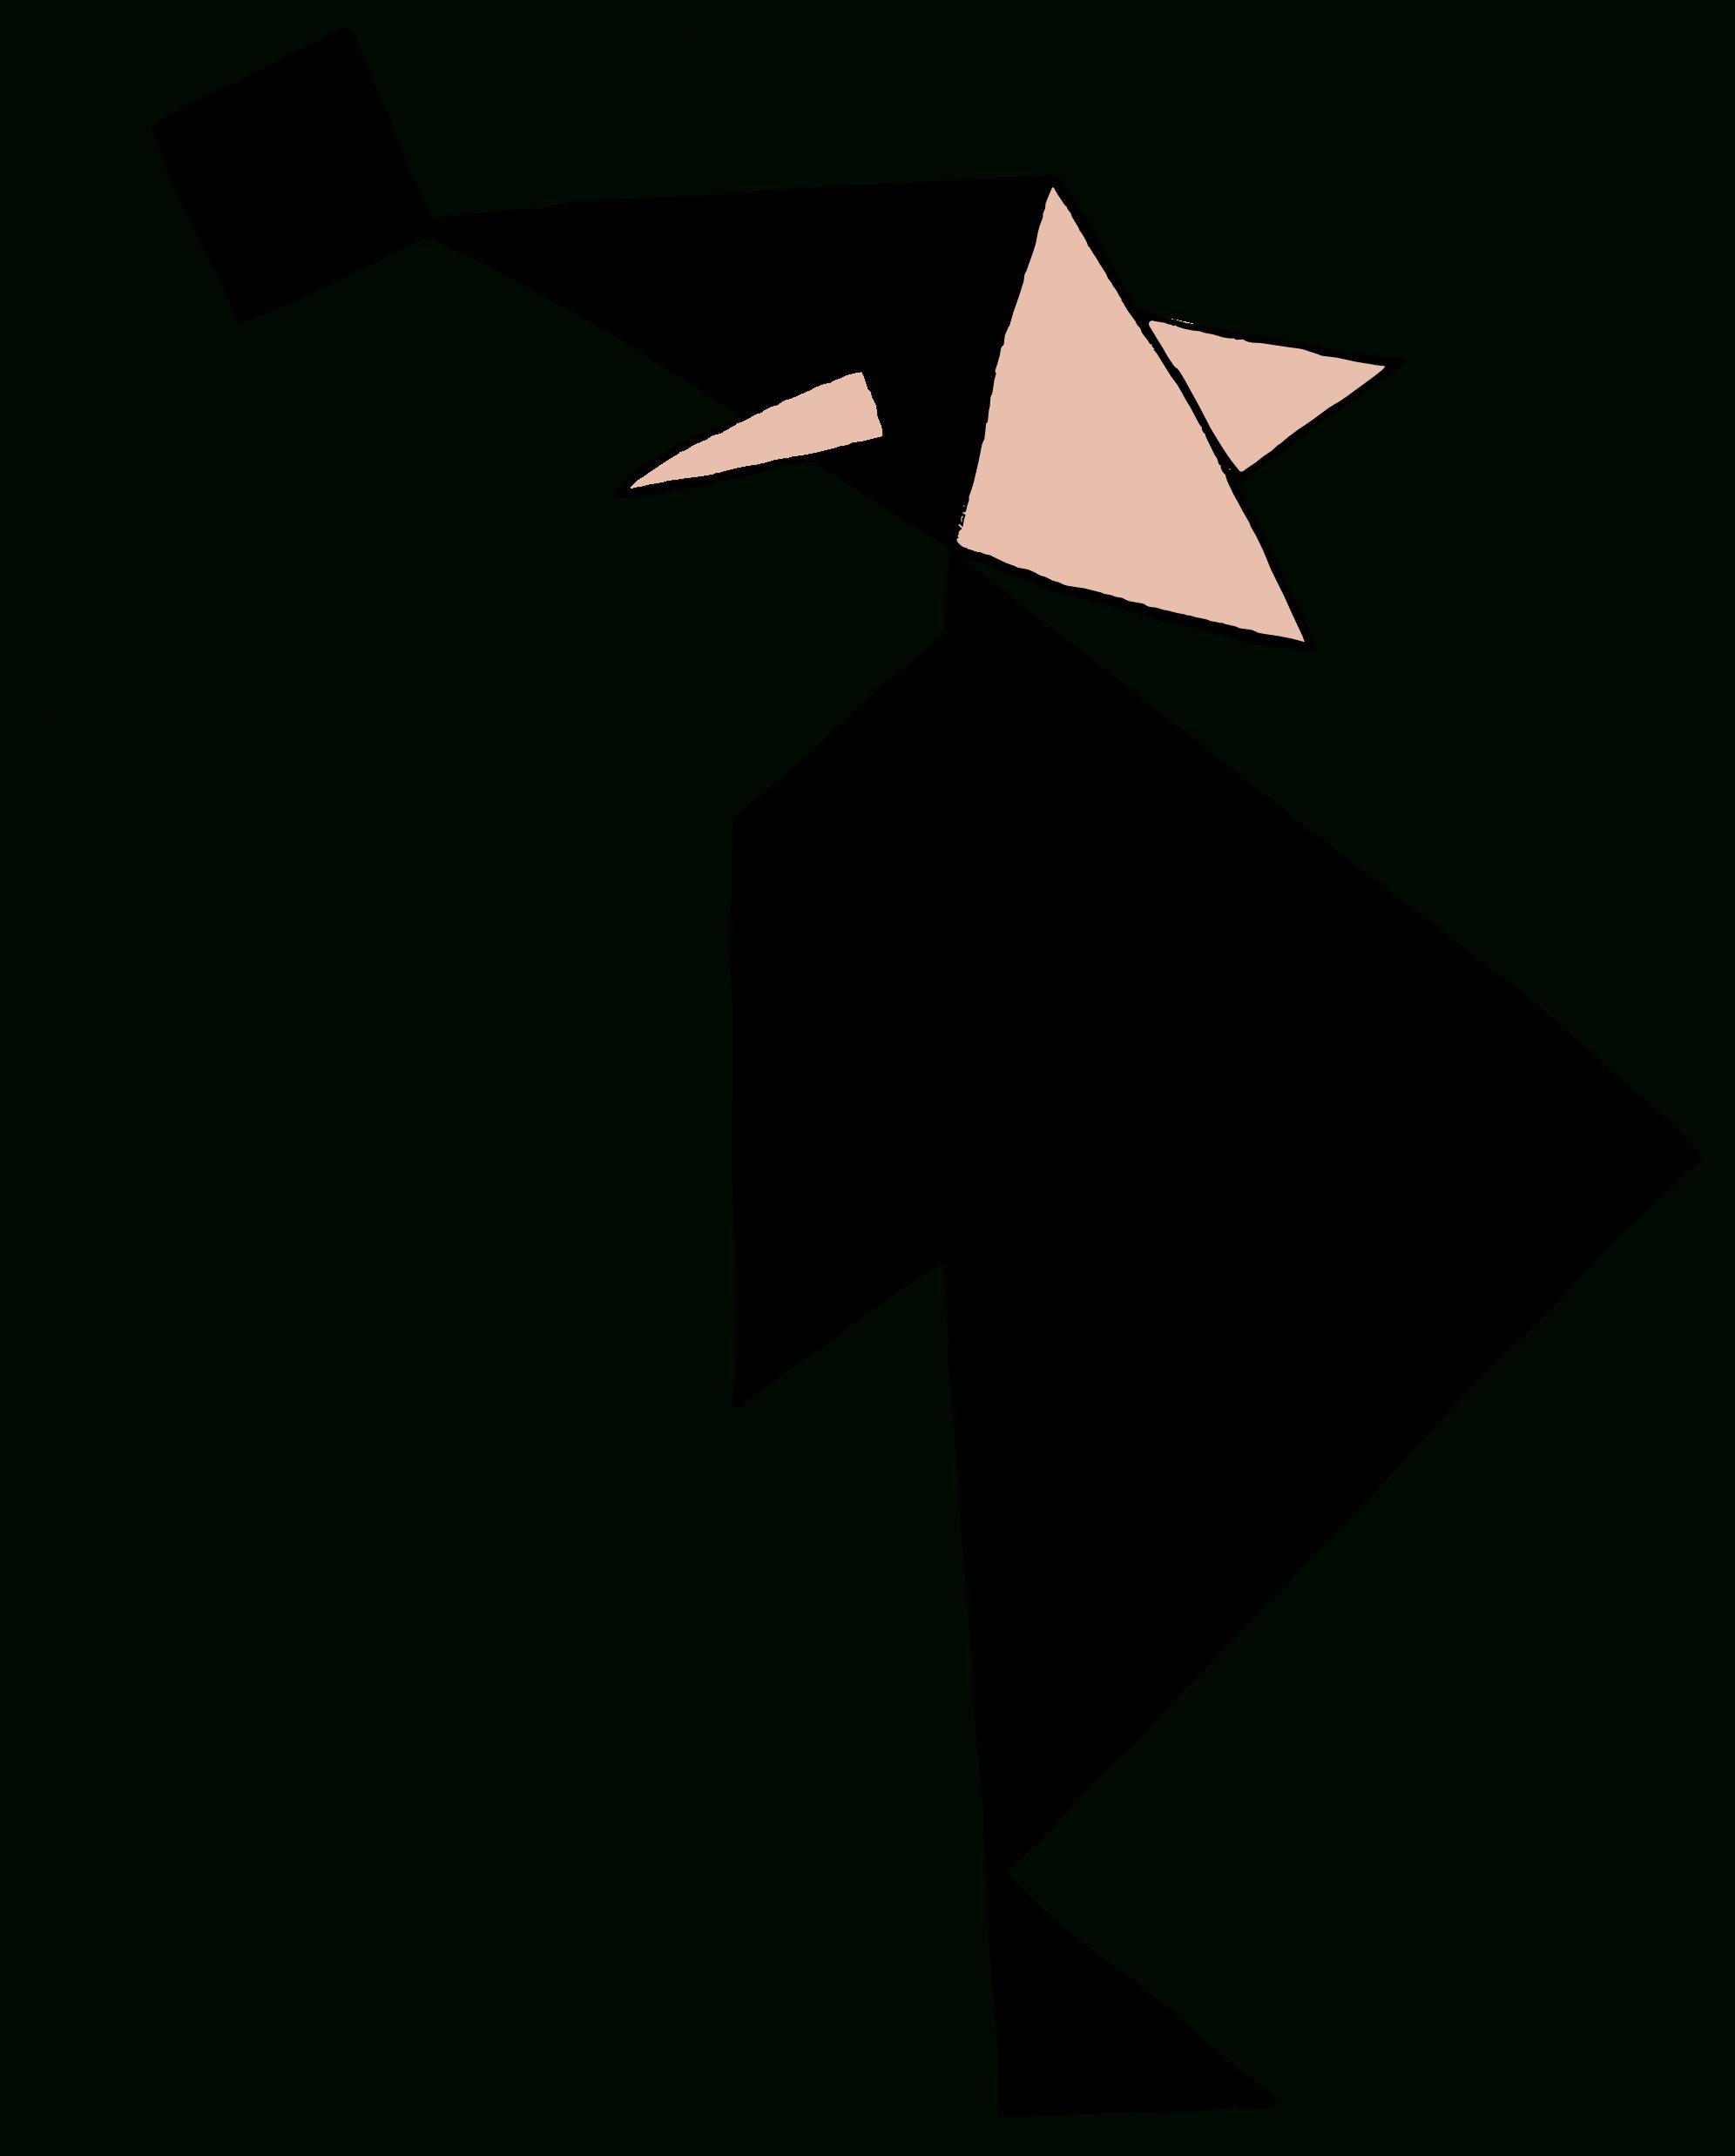 Tangram - Trois Silhouettes De Personnages ~ La Classe Des avec Tangram À Découper